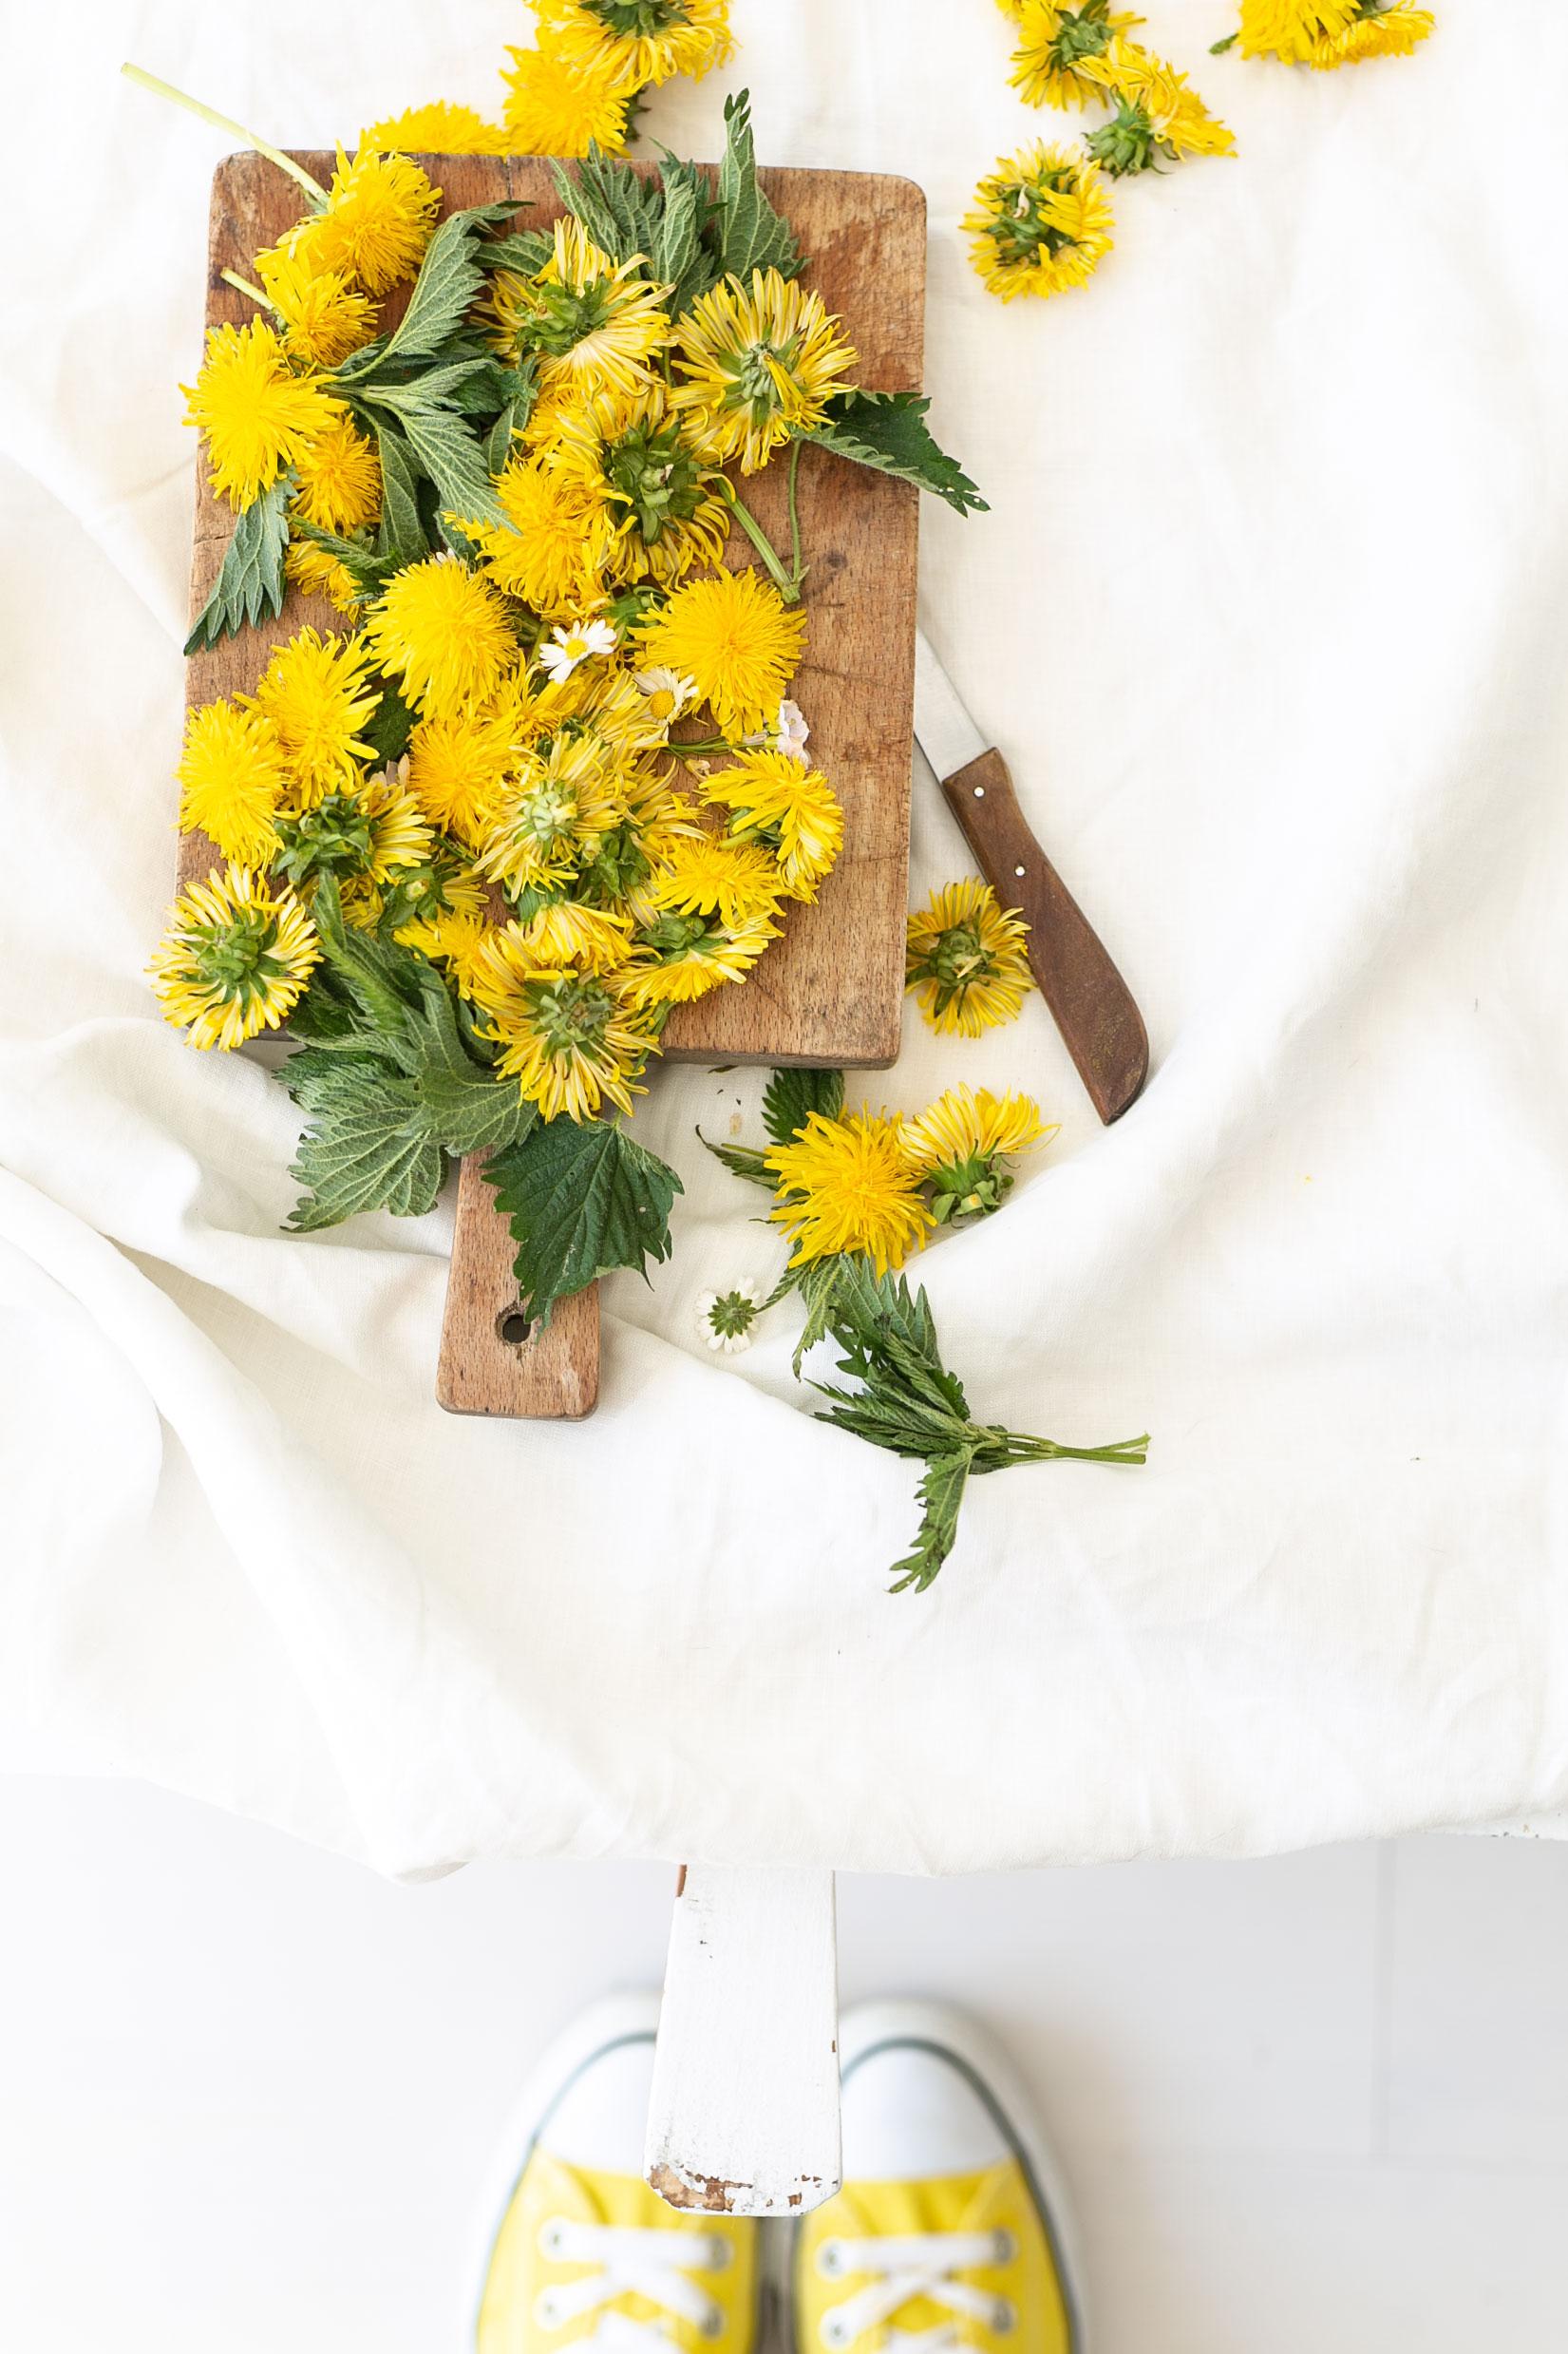 Löwenzahn Blüten für den Löwenzahn Gelee